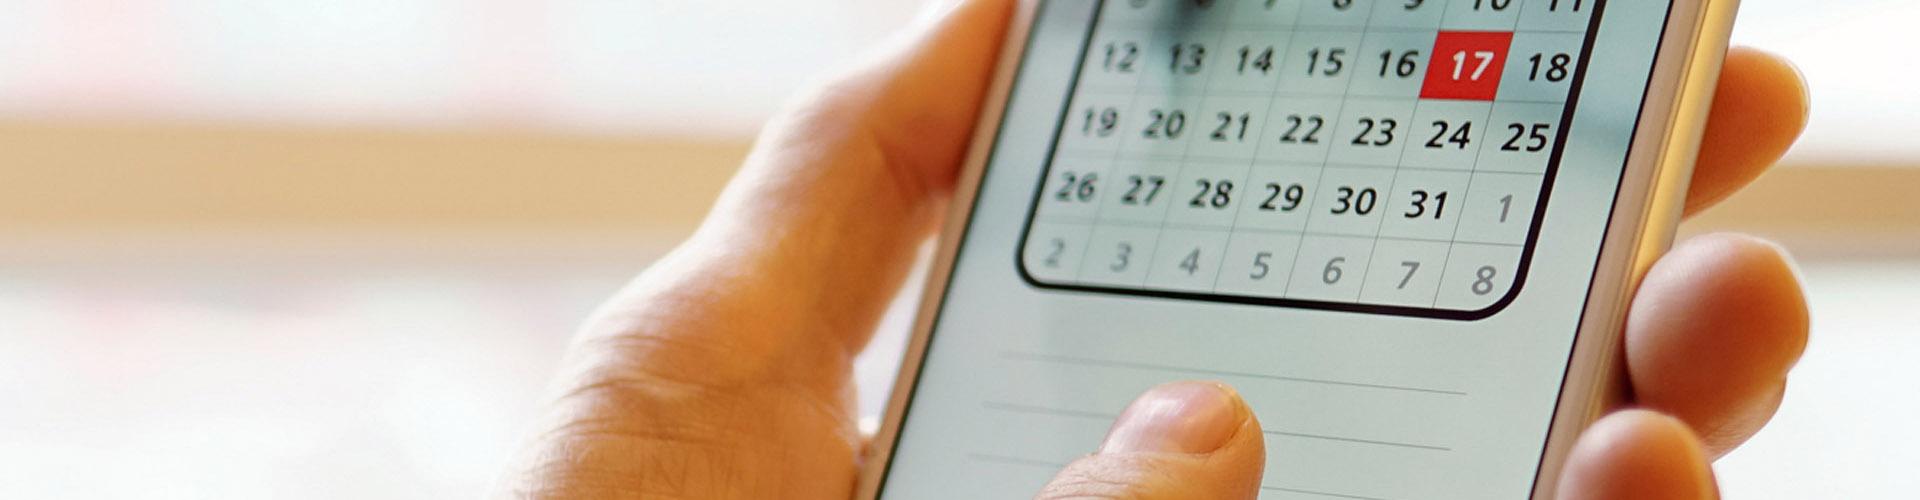 Personaleinsatzplanung App – ORTEC